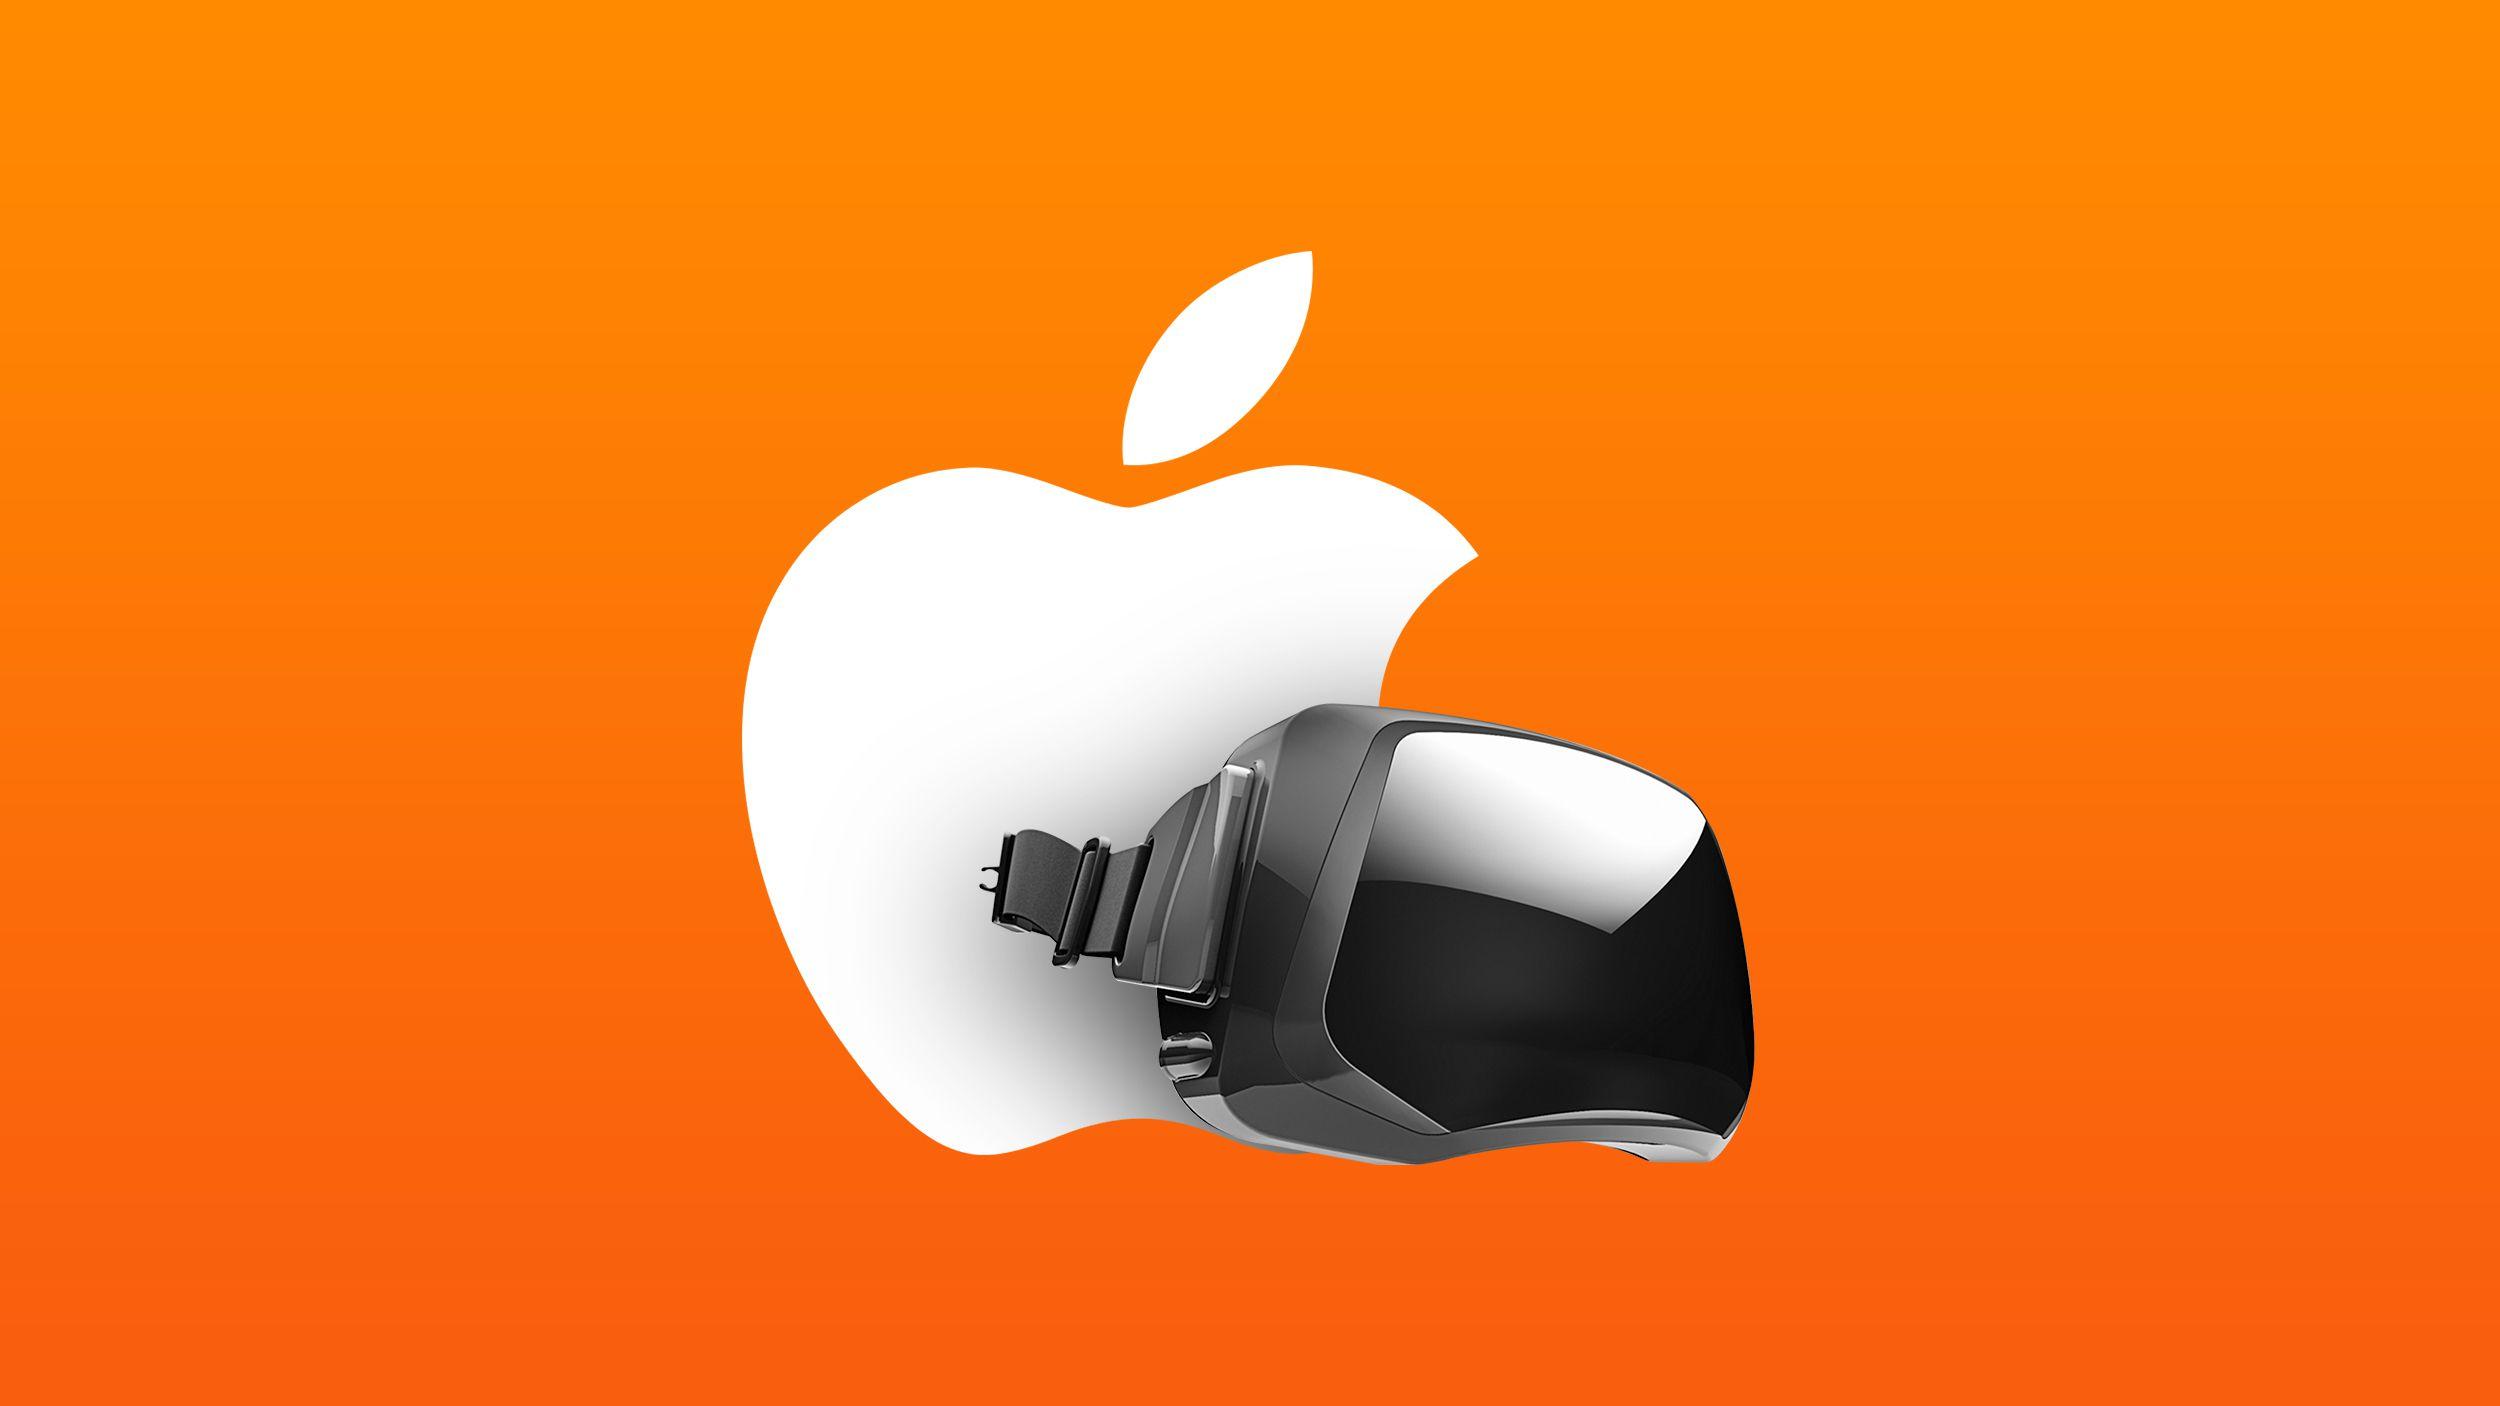 Гарнитура Apple VR за 1000 долларов появится в 2022 году